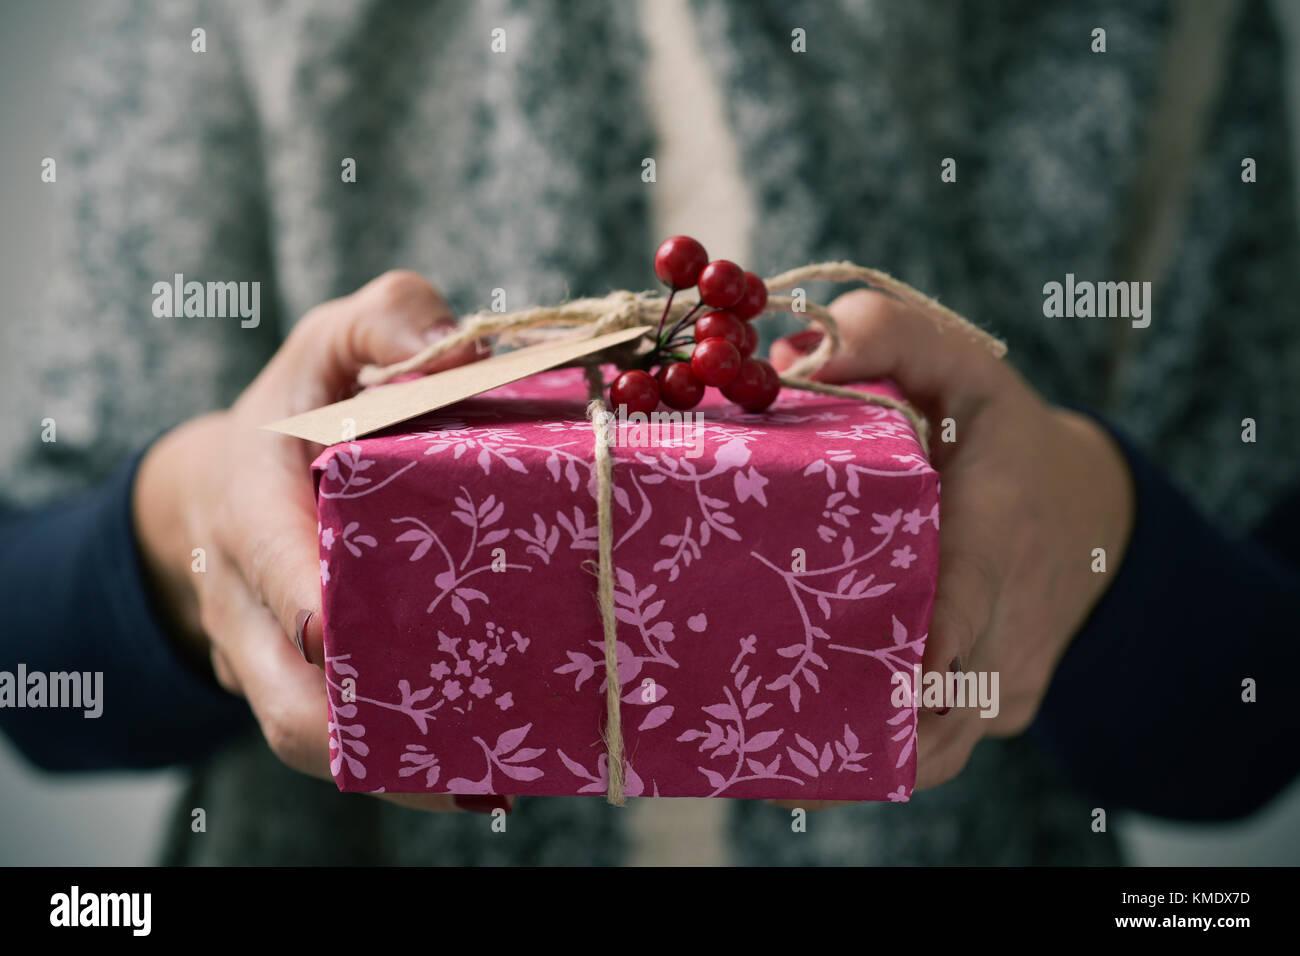 Primer plano de una joven mujer caucásica sosteniendo un regalo en sus manos, envuelto en un bonito papel rústico, Imagen De Stock